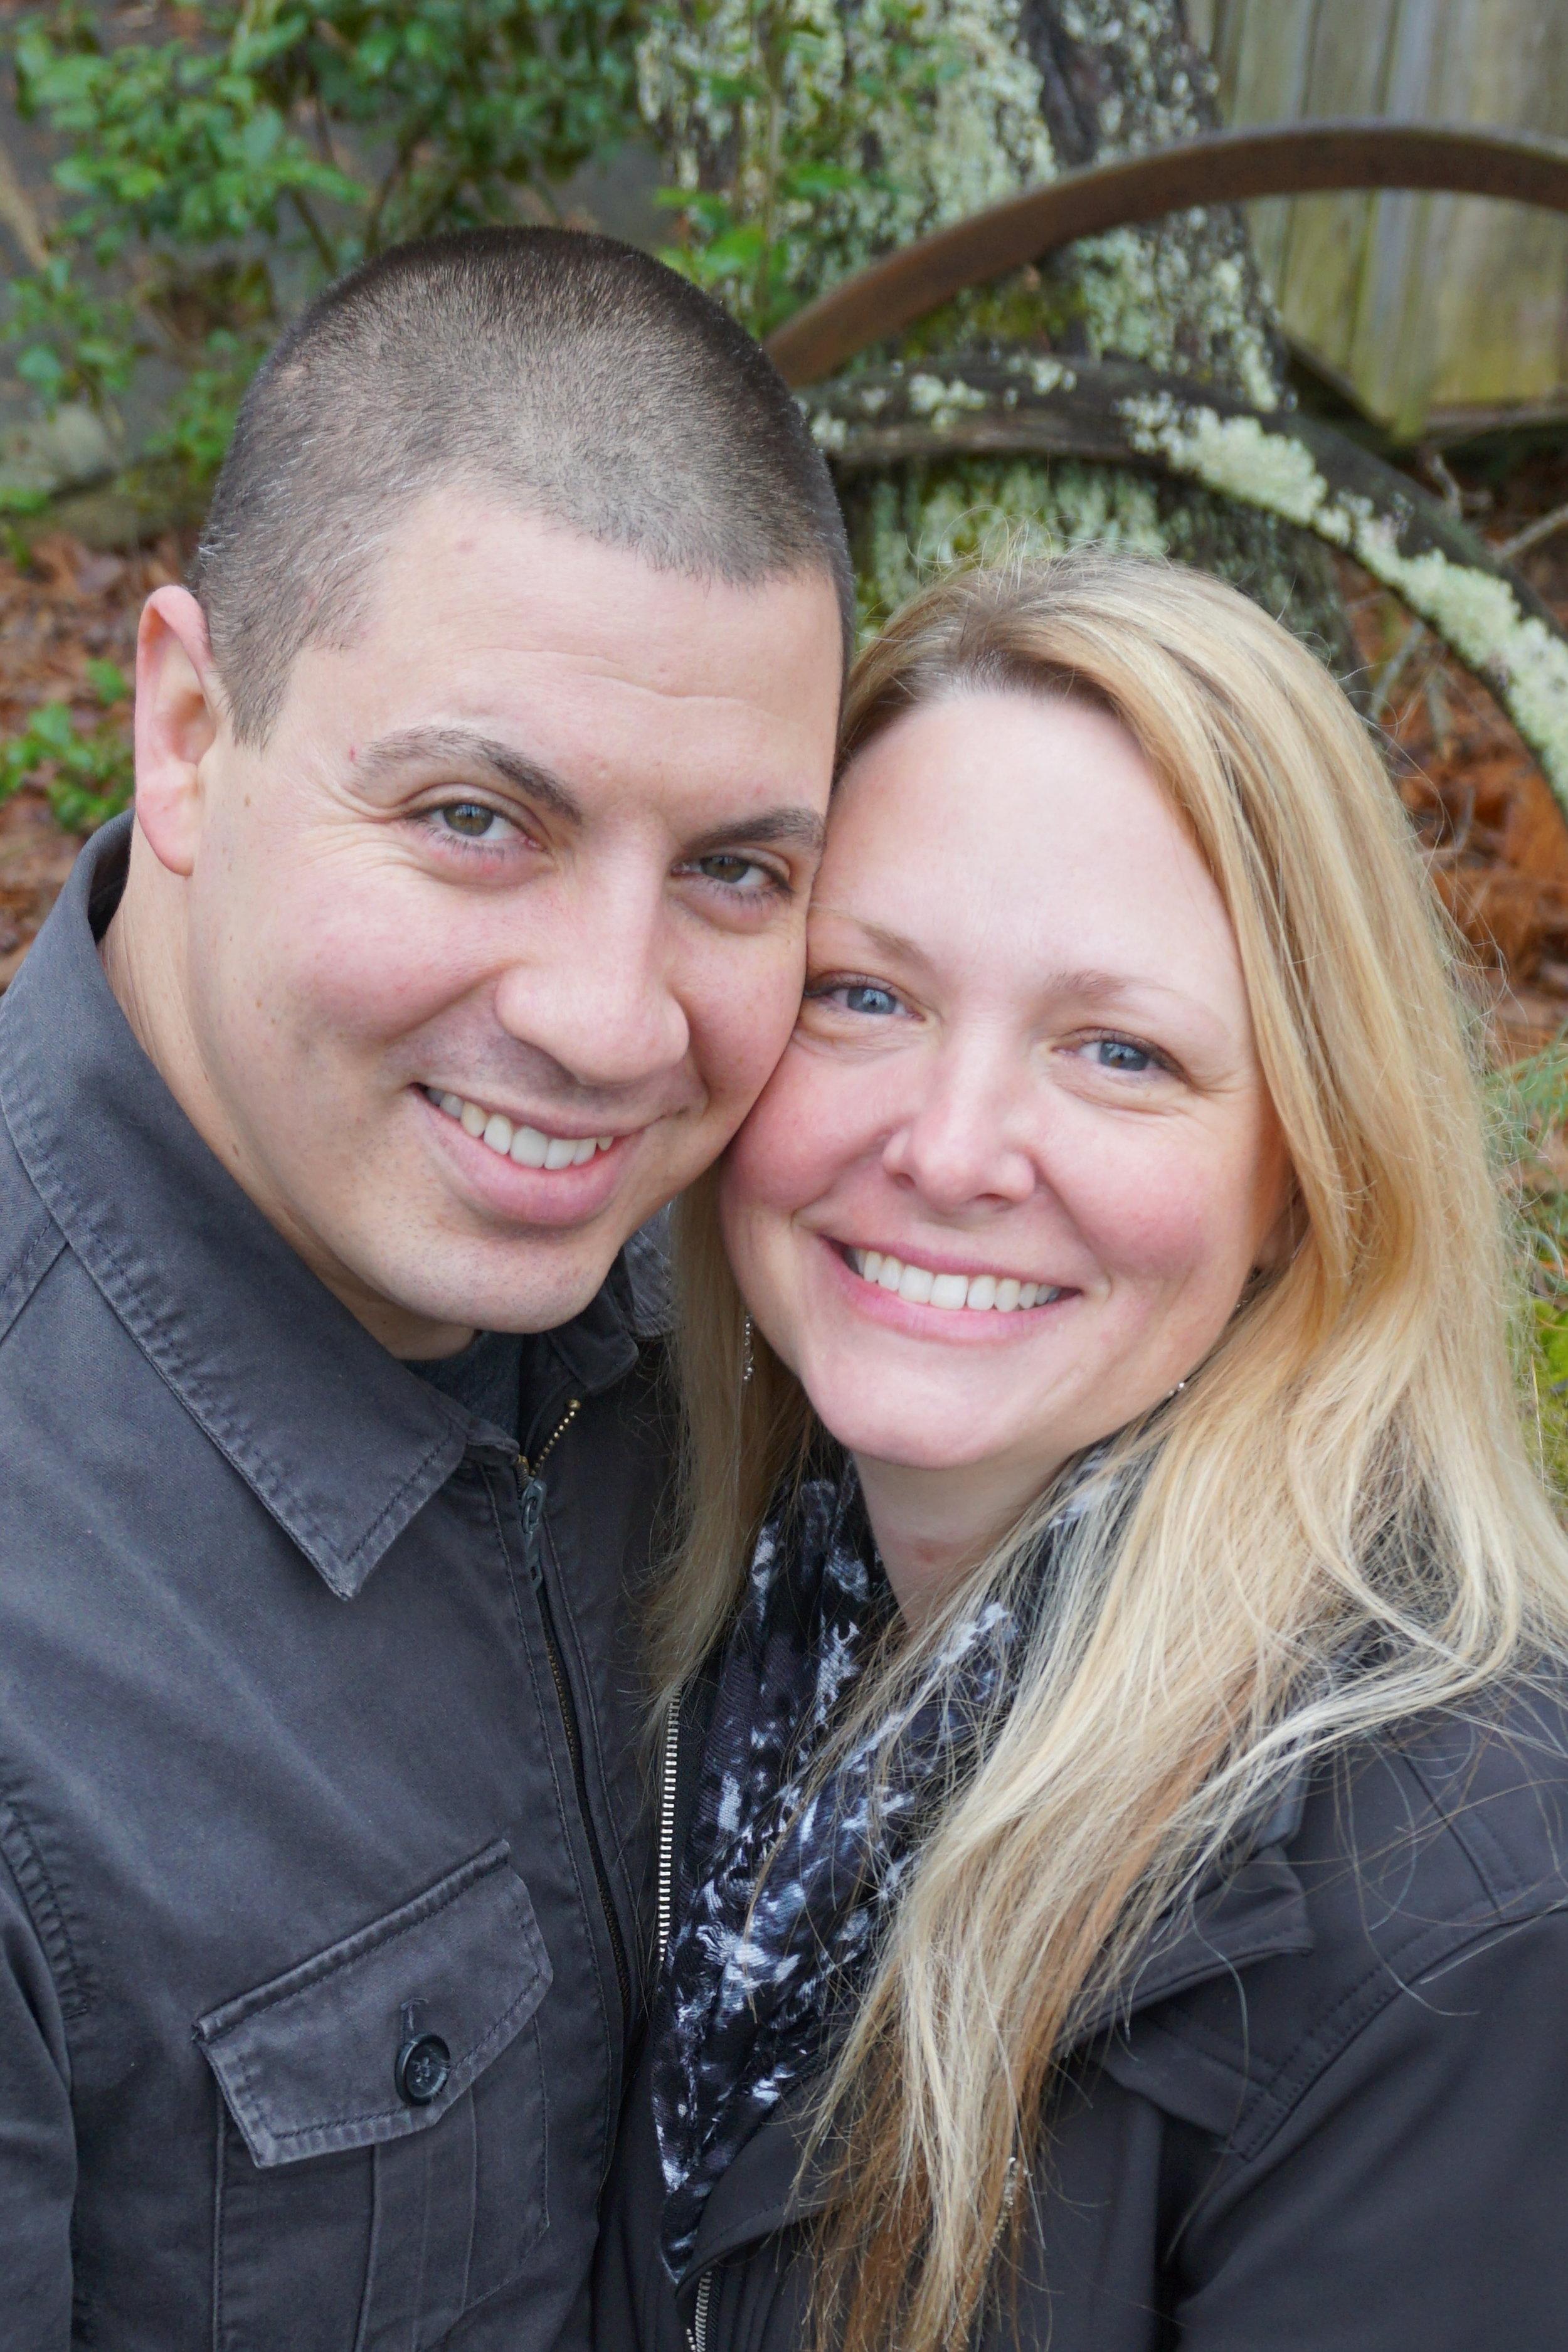 David & Trudy Brown- Psychics, Mediums & Spiritual Counselors